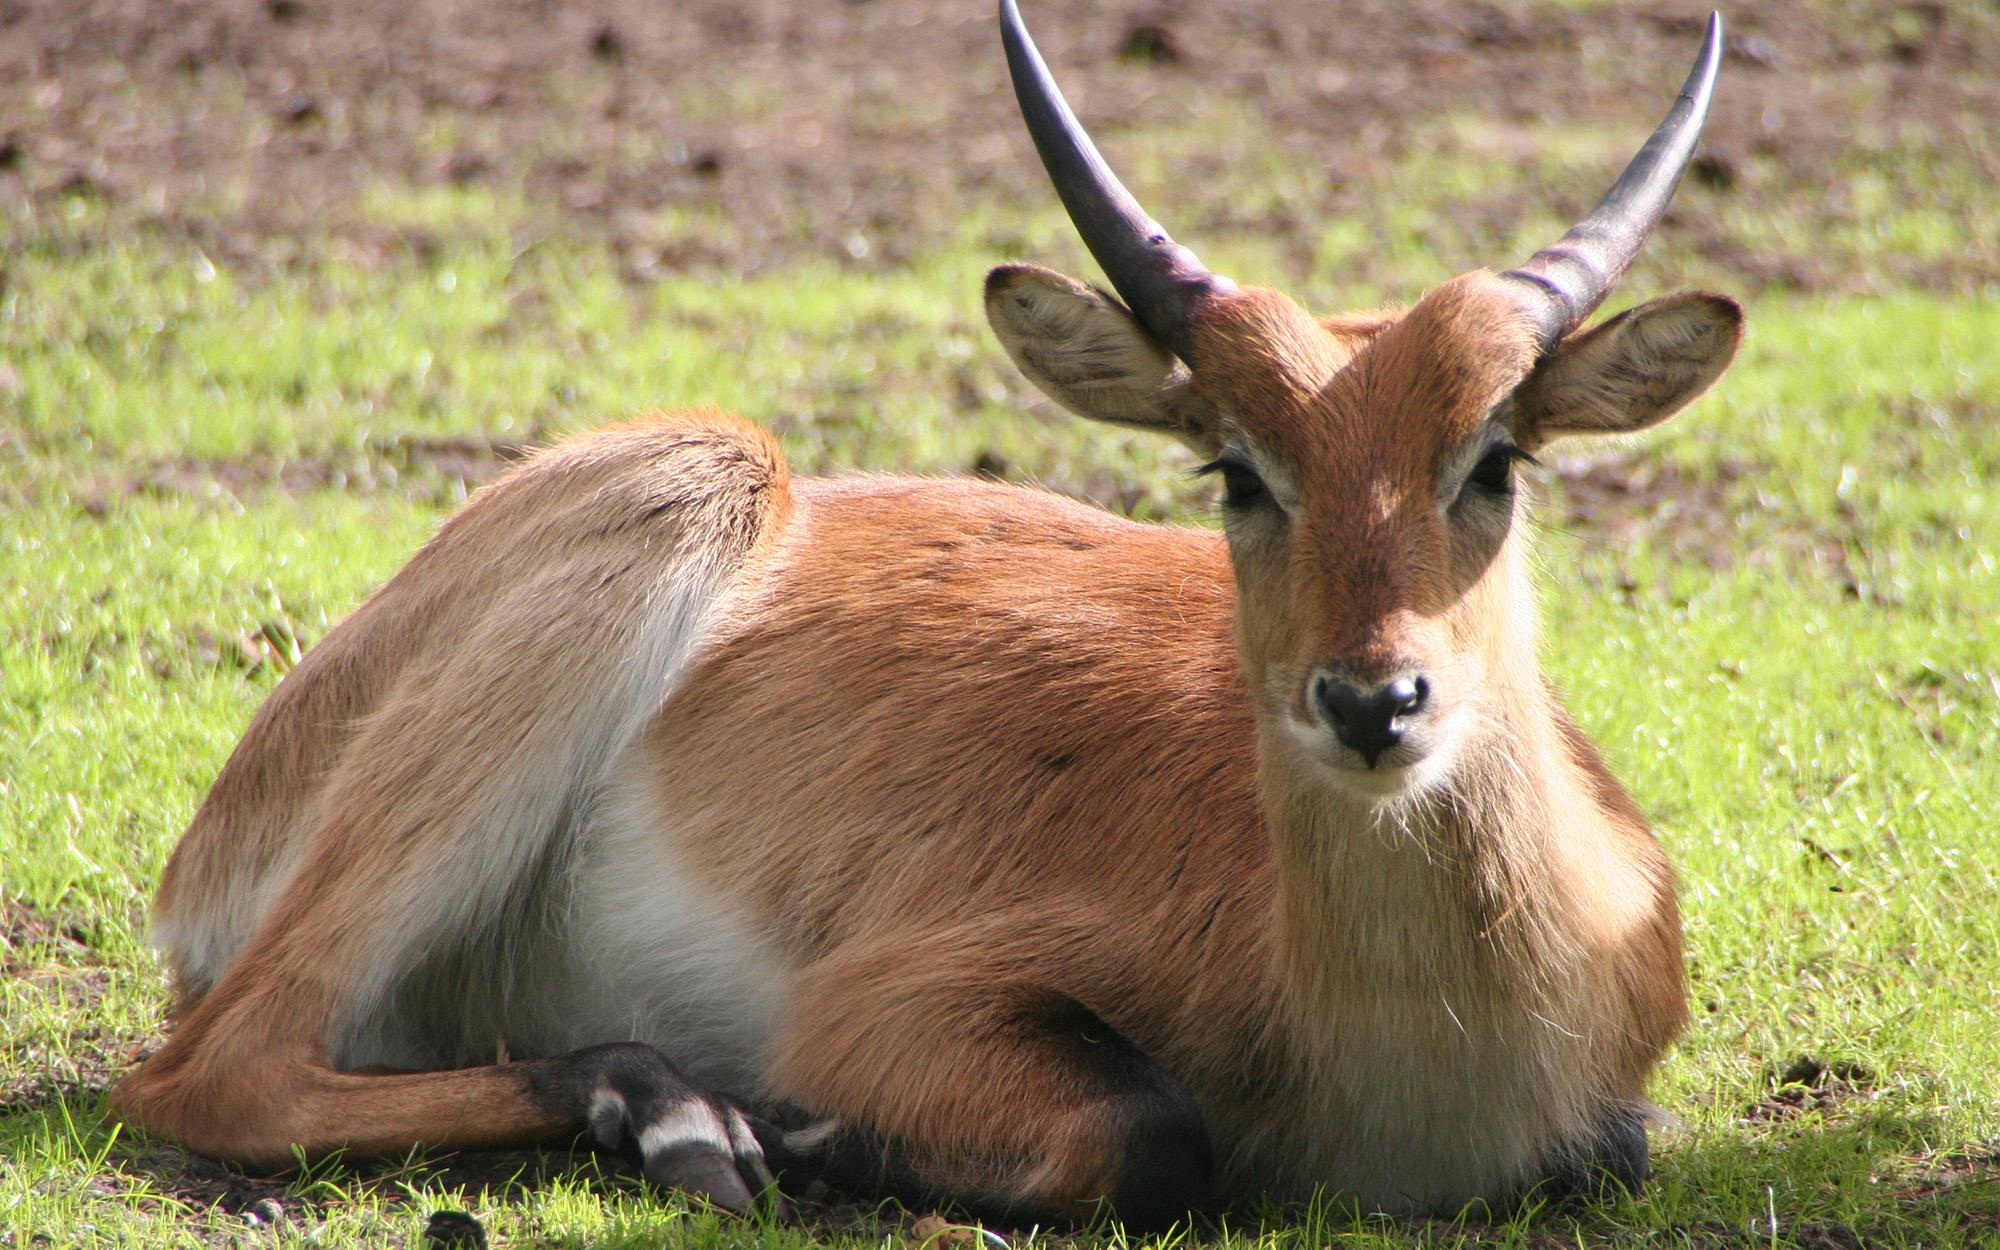 litschi wasserbock wildtiere im serengeti park. Black Bedroom Furniture Sets. Home Design Ideas